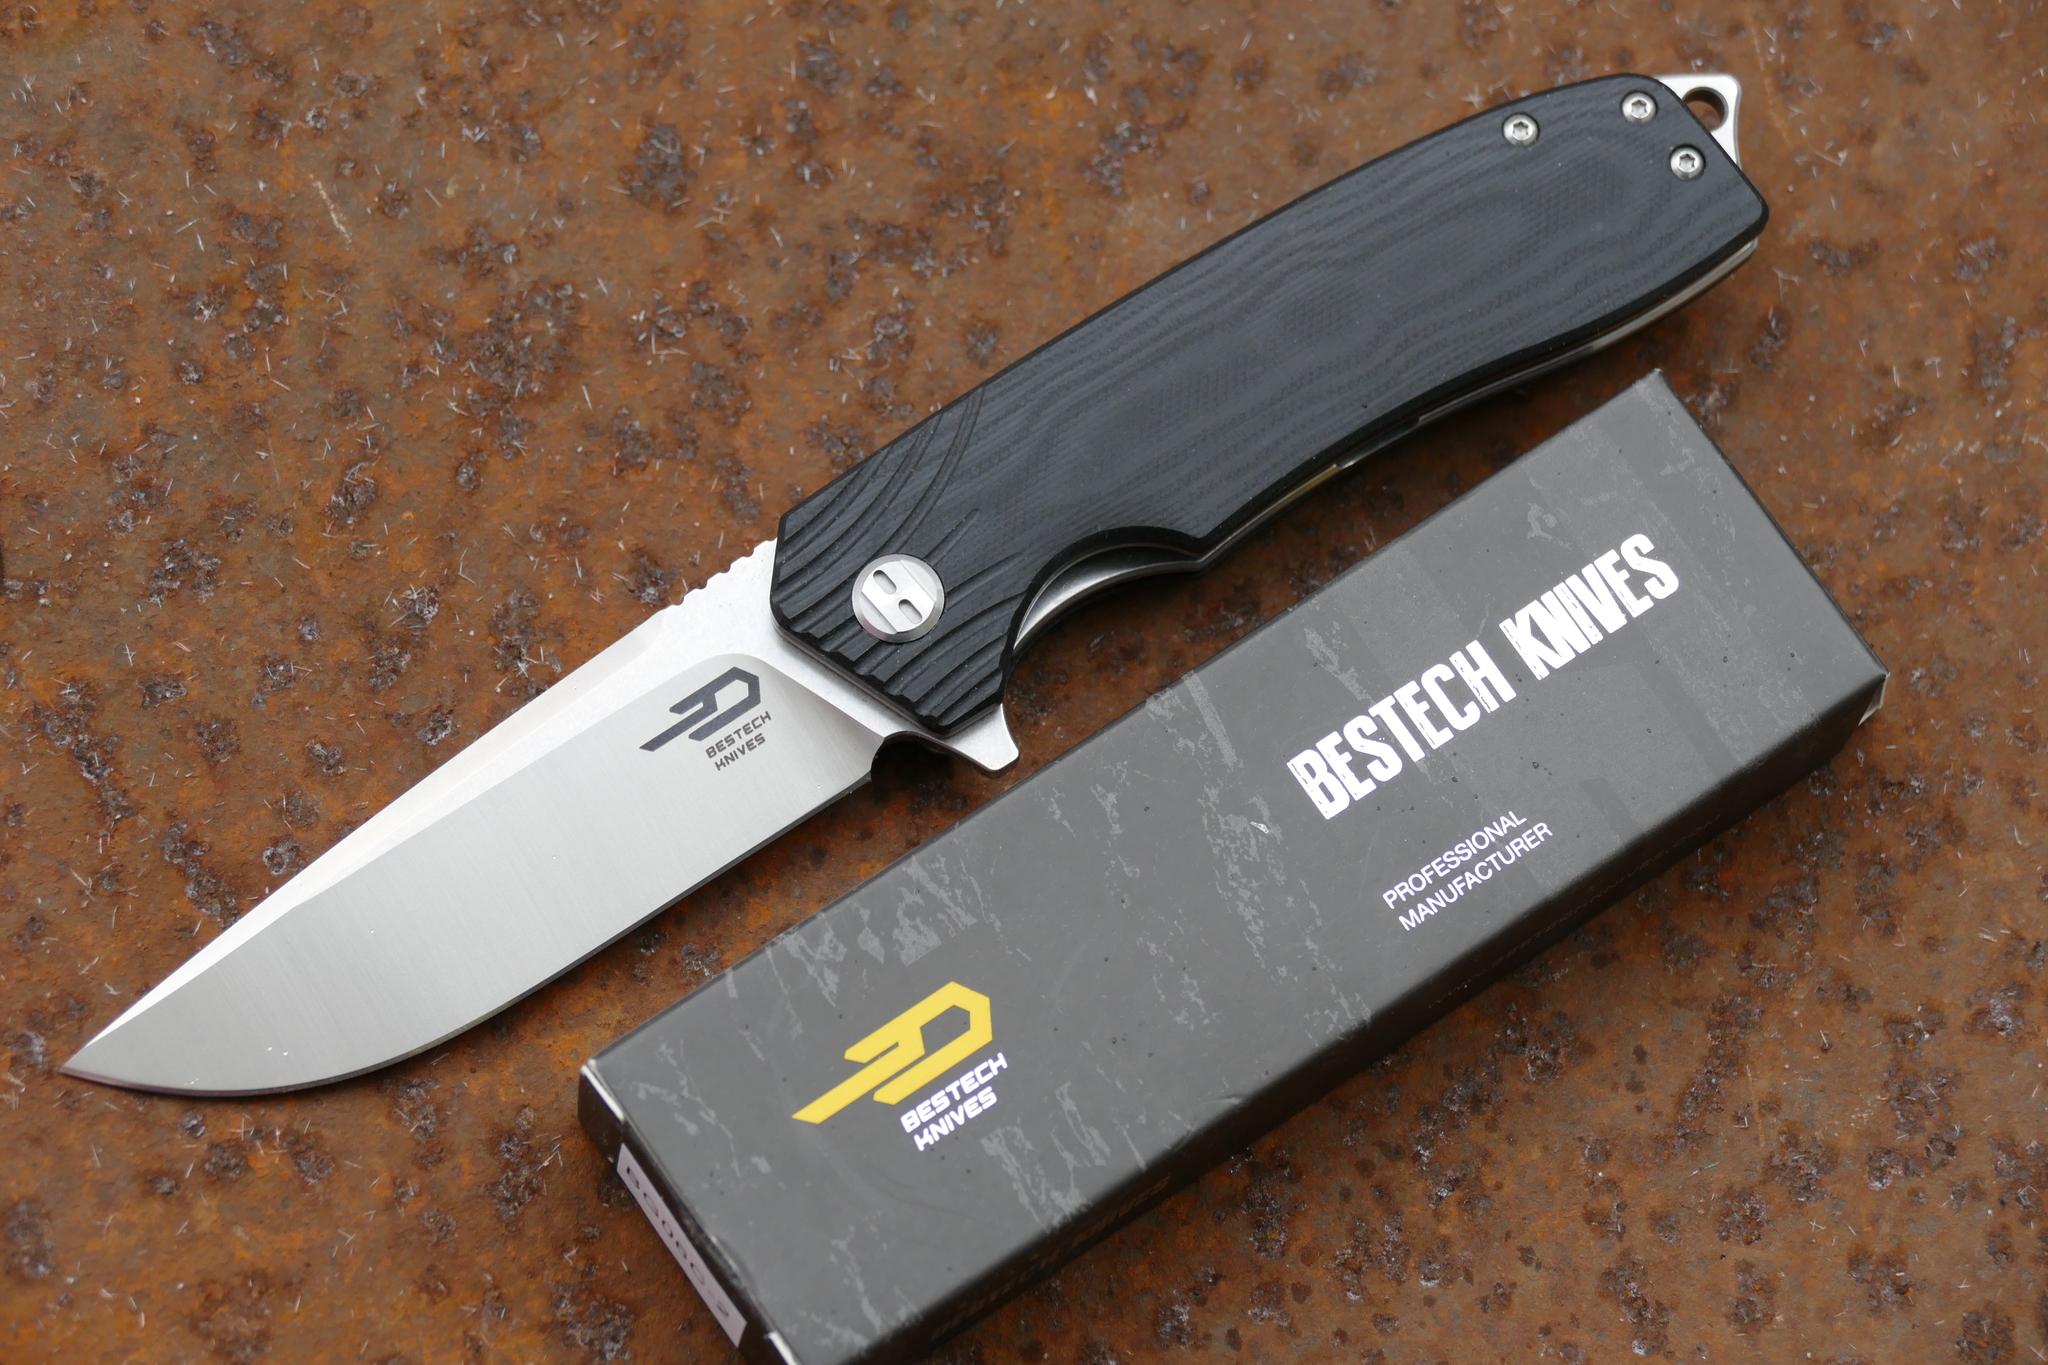 Складной нож Bestech Lion, D2Раскладные ножи<br>марка стали: D2твёрдость: 60-61длина общая: 208 ммдлина клинка: 86 ммширина клинка наибольшая: 26 ммтолщина обуха: 3.2 ммподшипниквес: 134гр<br>